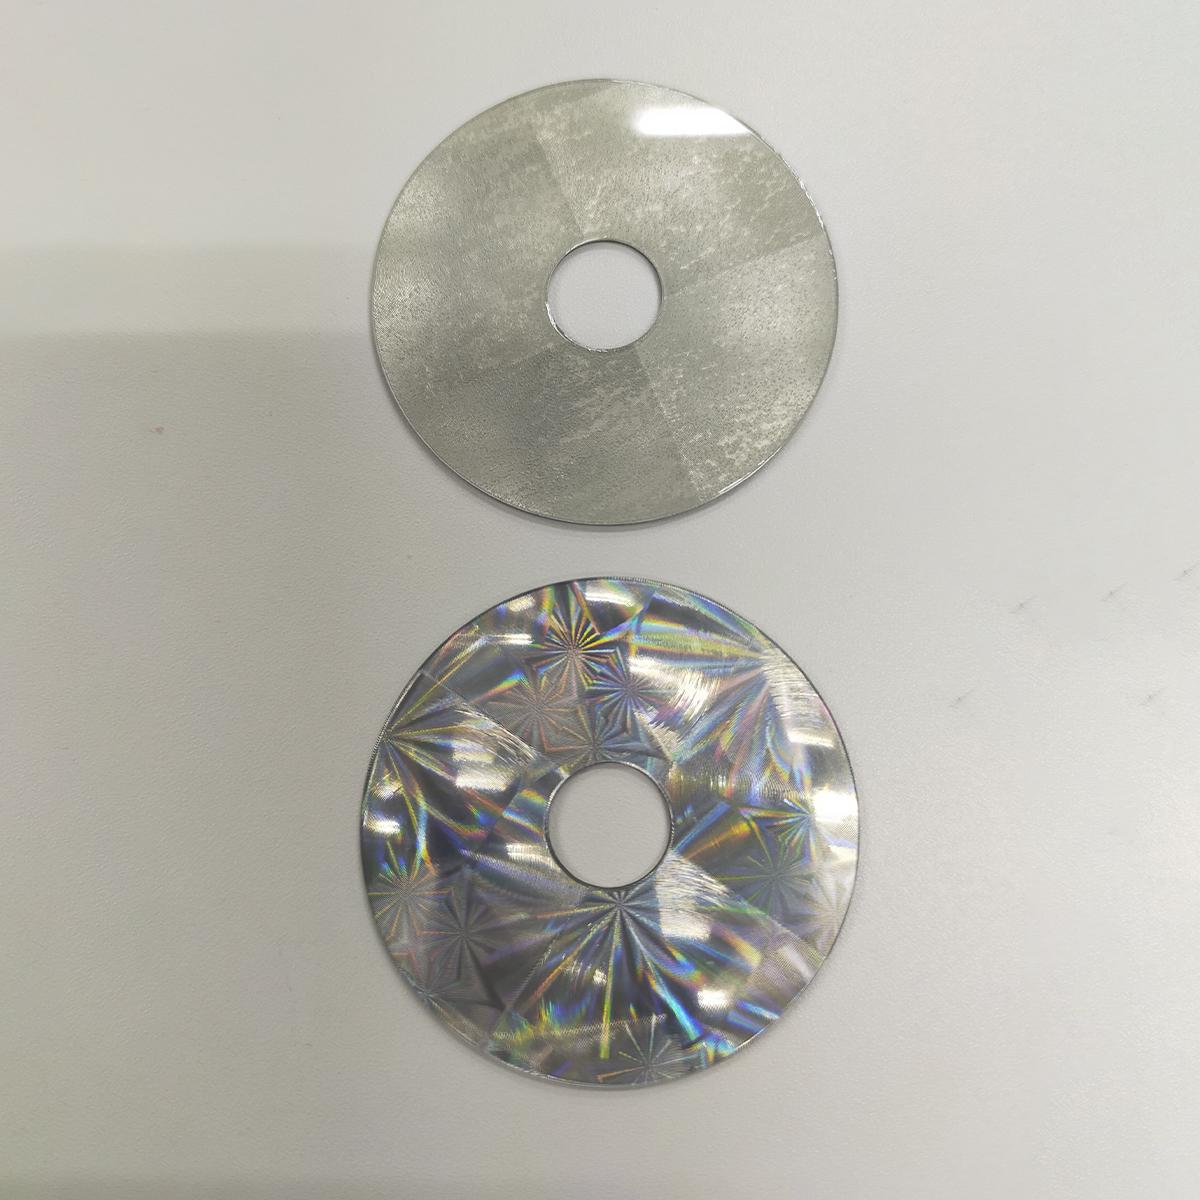 セイミツ工業 和柄パッキン10.5φ(単品部品)